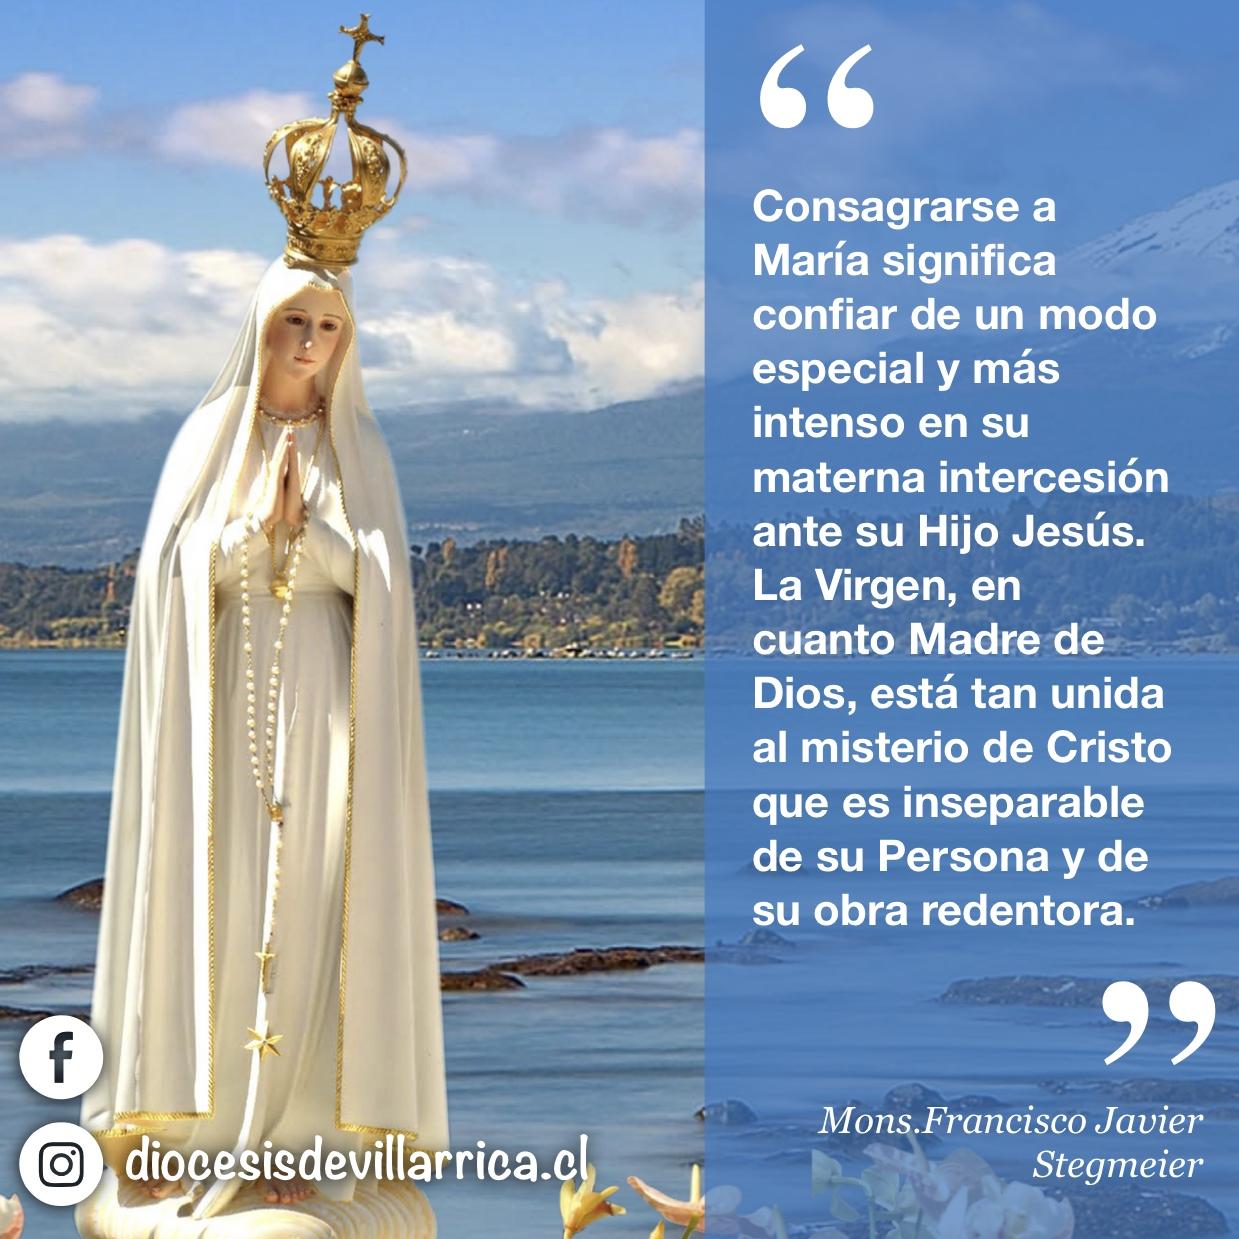 Qué Significa Consagrarse A María